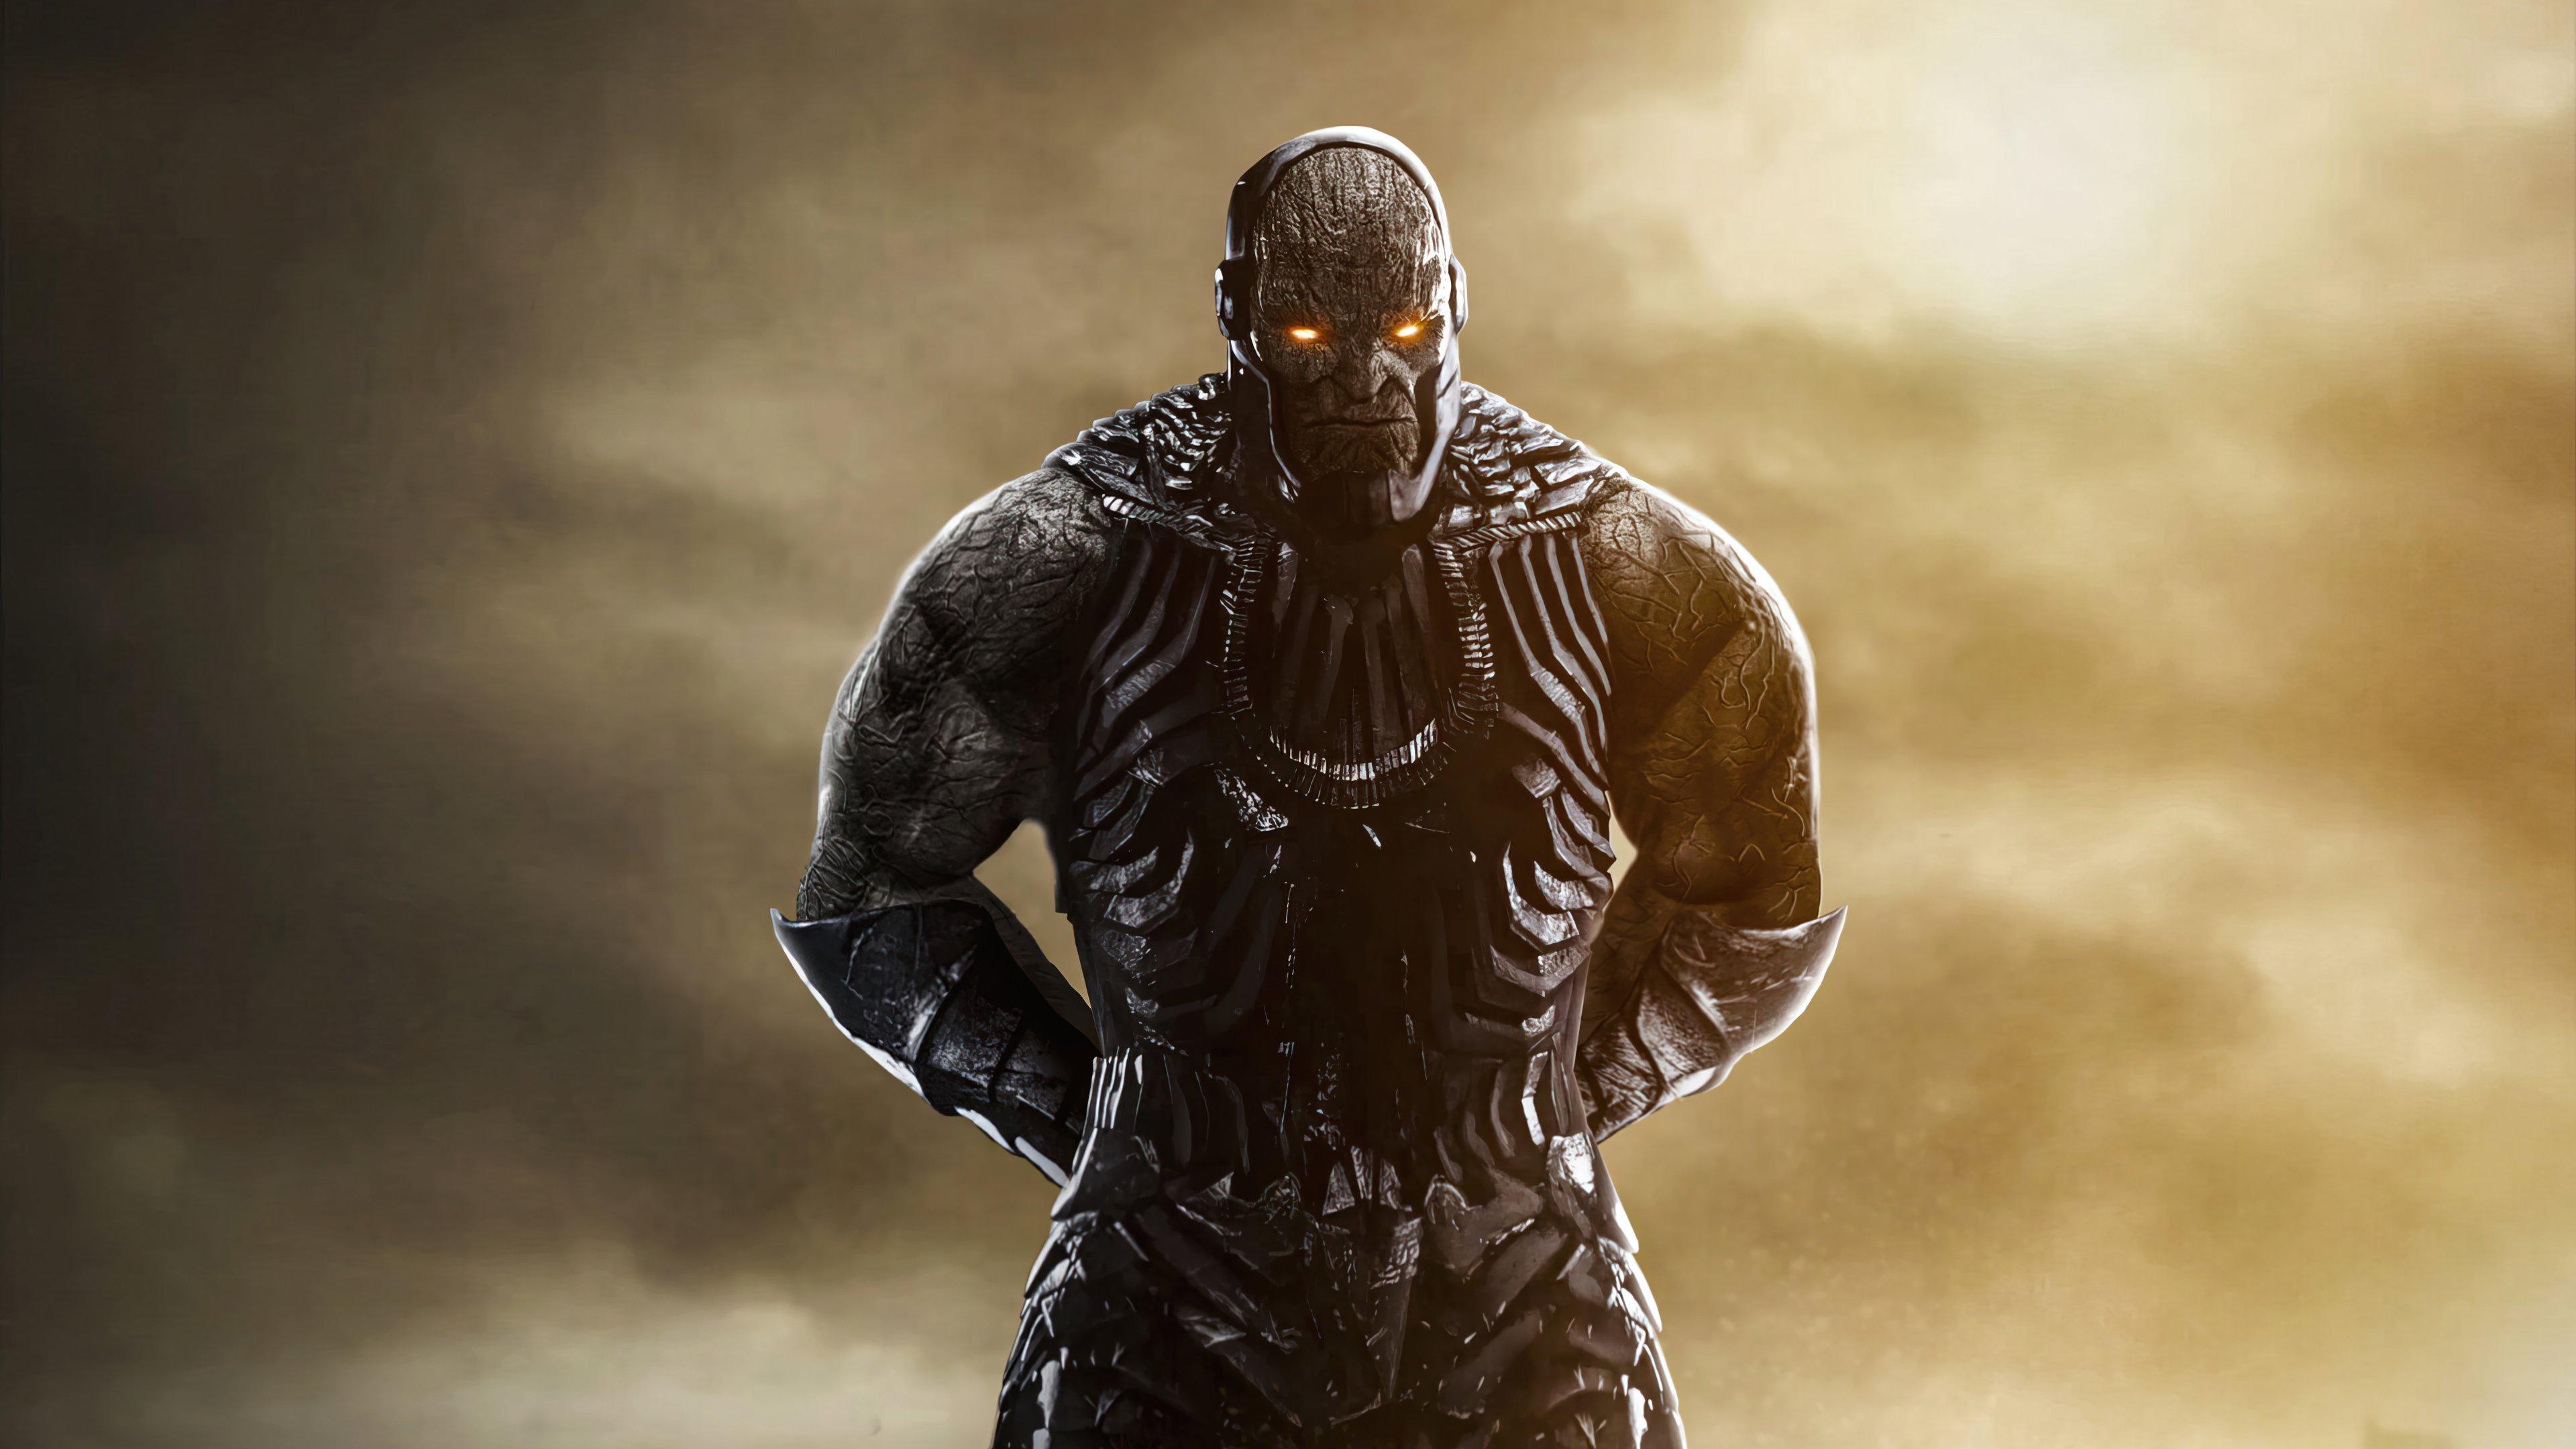 Fondos de pantalla Darkseid Liga de la justicia